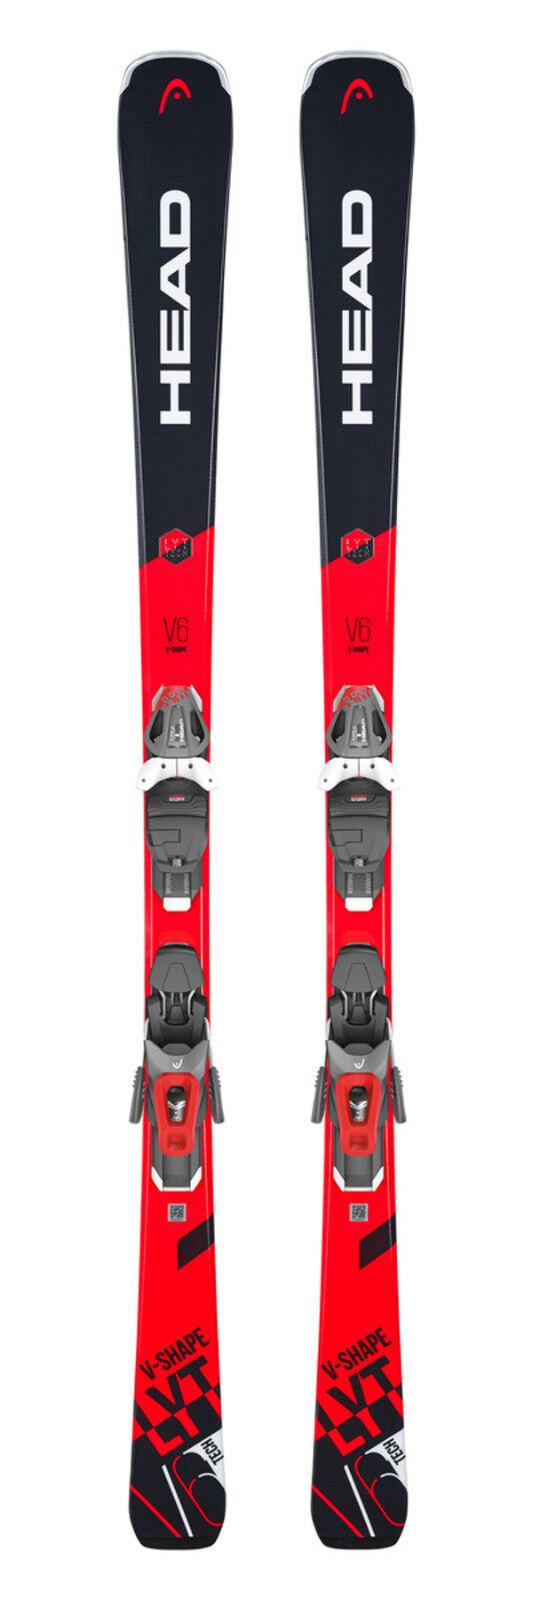 HEAD V-Shape V6 SW Ski Herren 149 156 170 163 170 156 cm inkl. Bindung NEU Skiset J18 3ab601